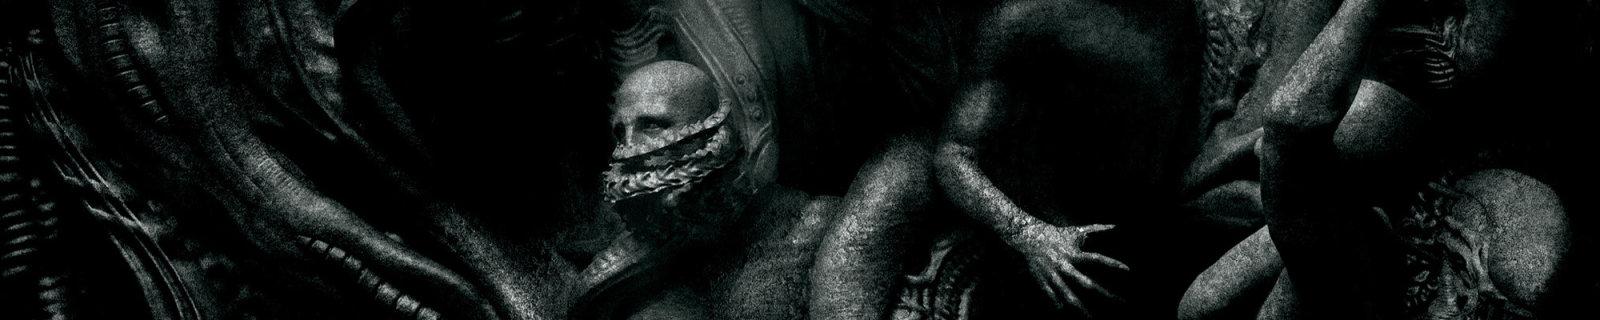 《异形:契约》续集《异形:觉醒》剧本已创作完成,是否开拍犹未可知